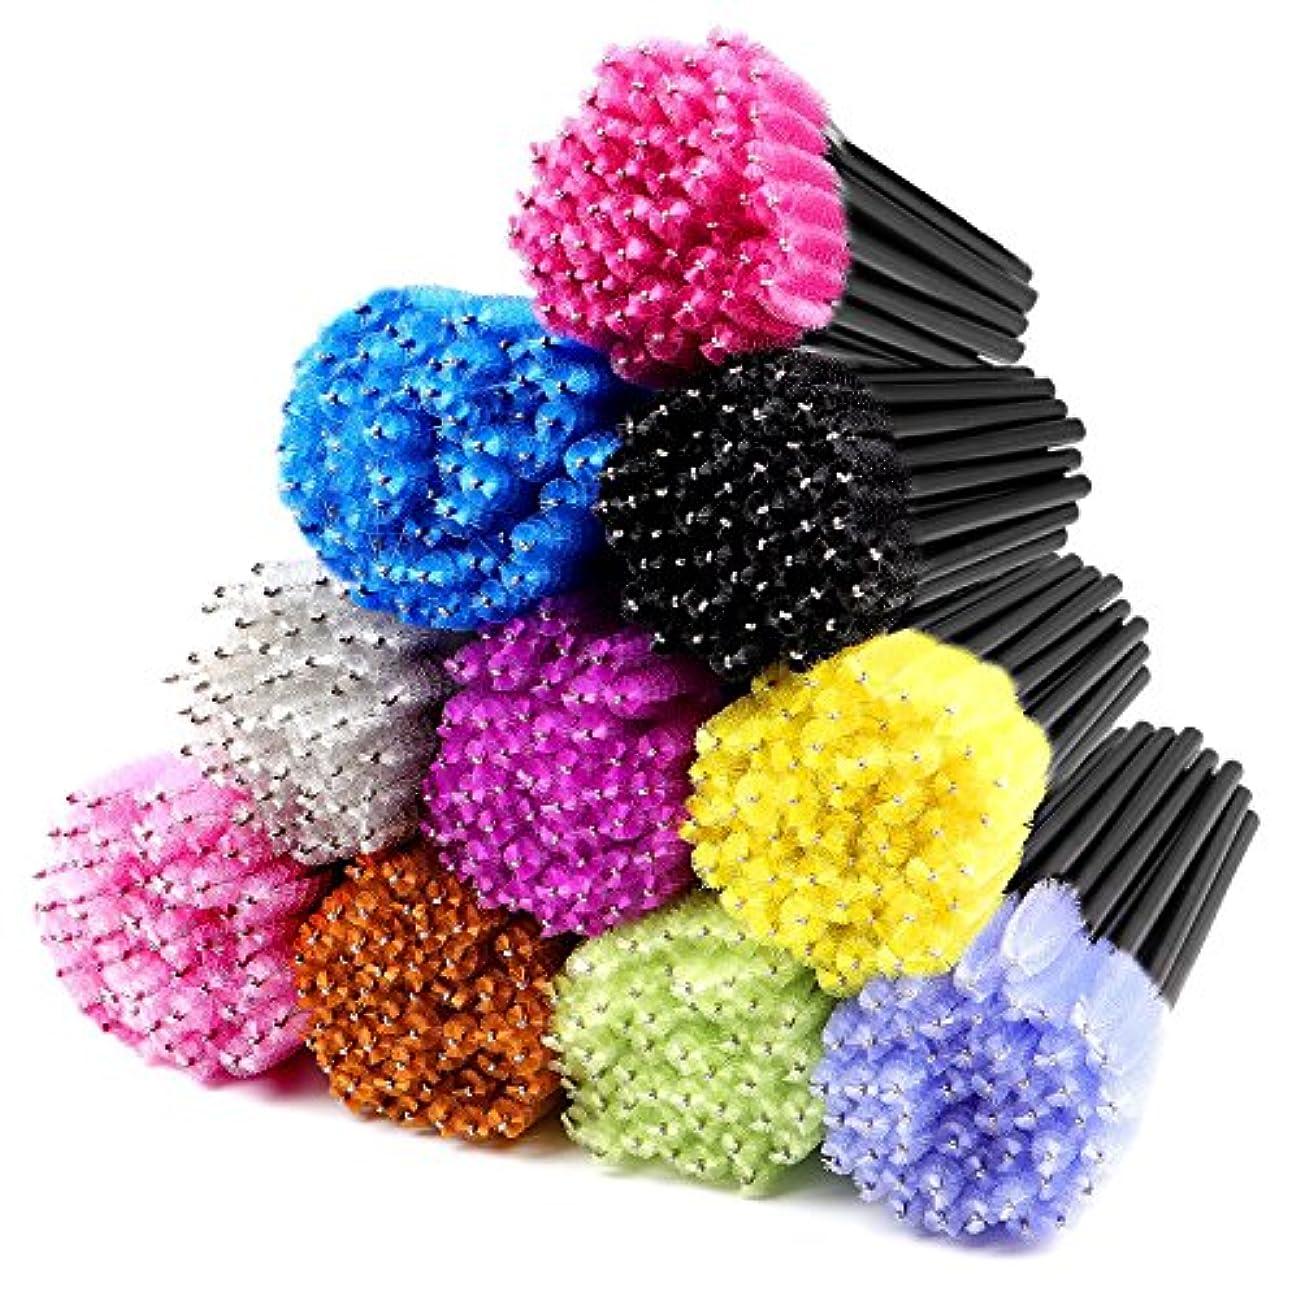 反対する確立抽象化パッケージが含まれる:500ピース多色使い捨てマスカラテスタワンドキットは、10の異なる色のまつげ眉毛色あたり50個ブラシ含みます。